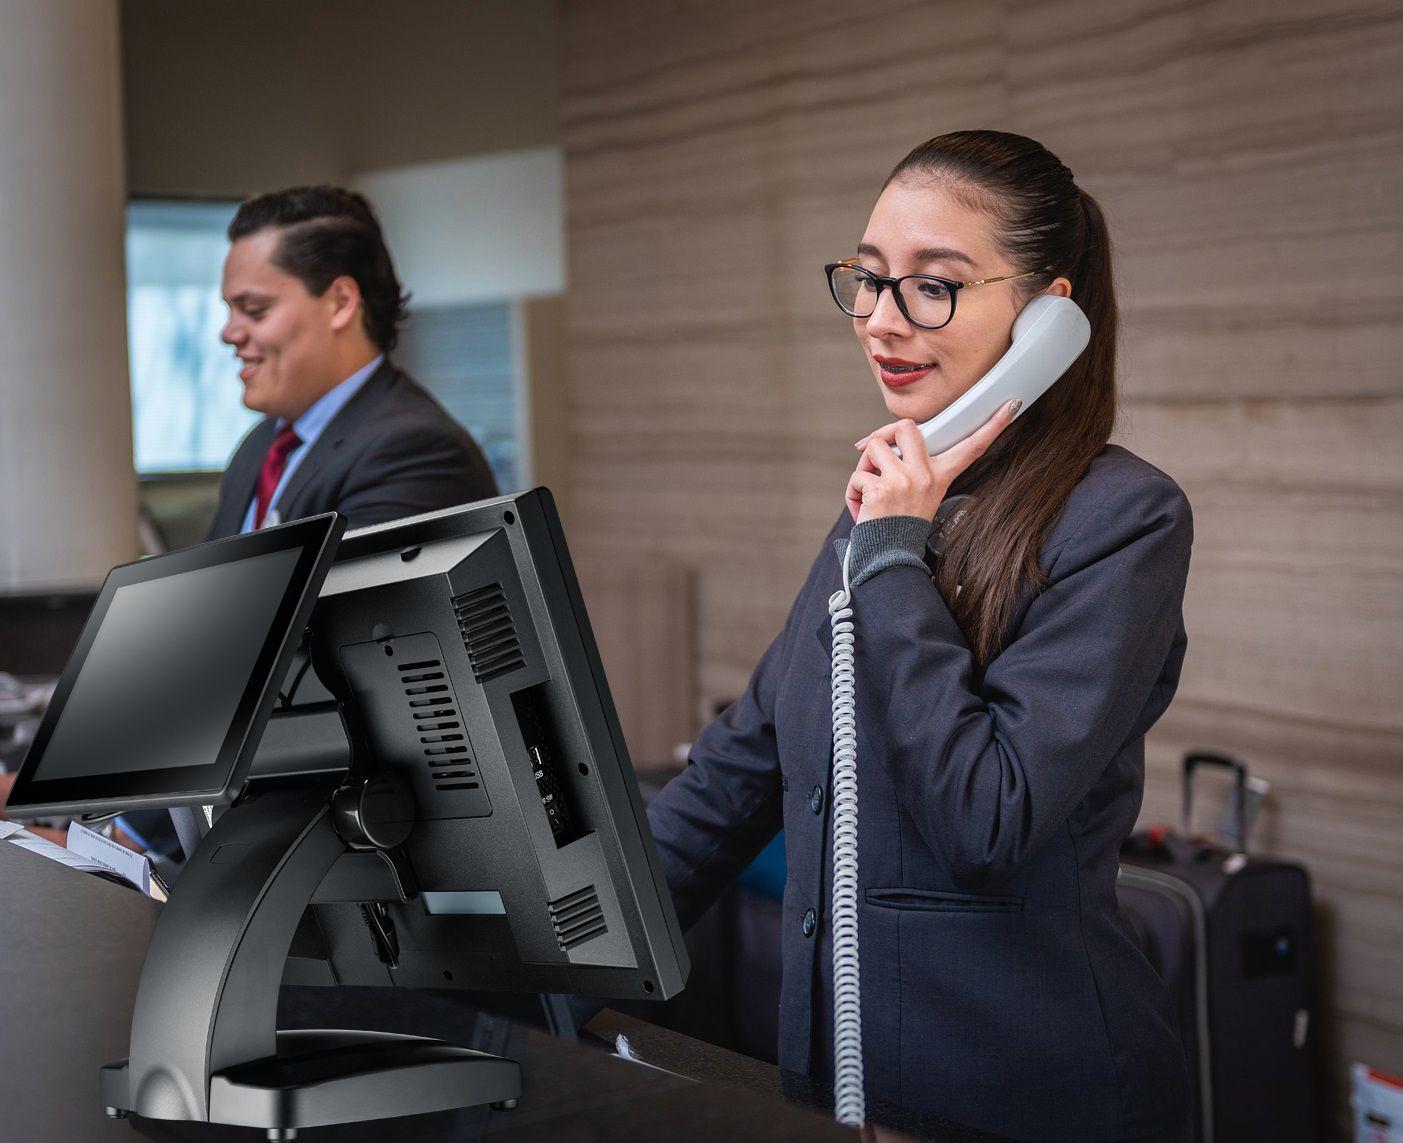 TYSSO предлагает 17-дюймовую POS-систему с полностью плоским сенсорным экраном для гостиничного бизнеса.